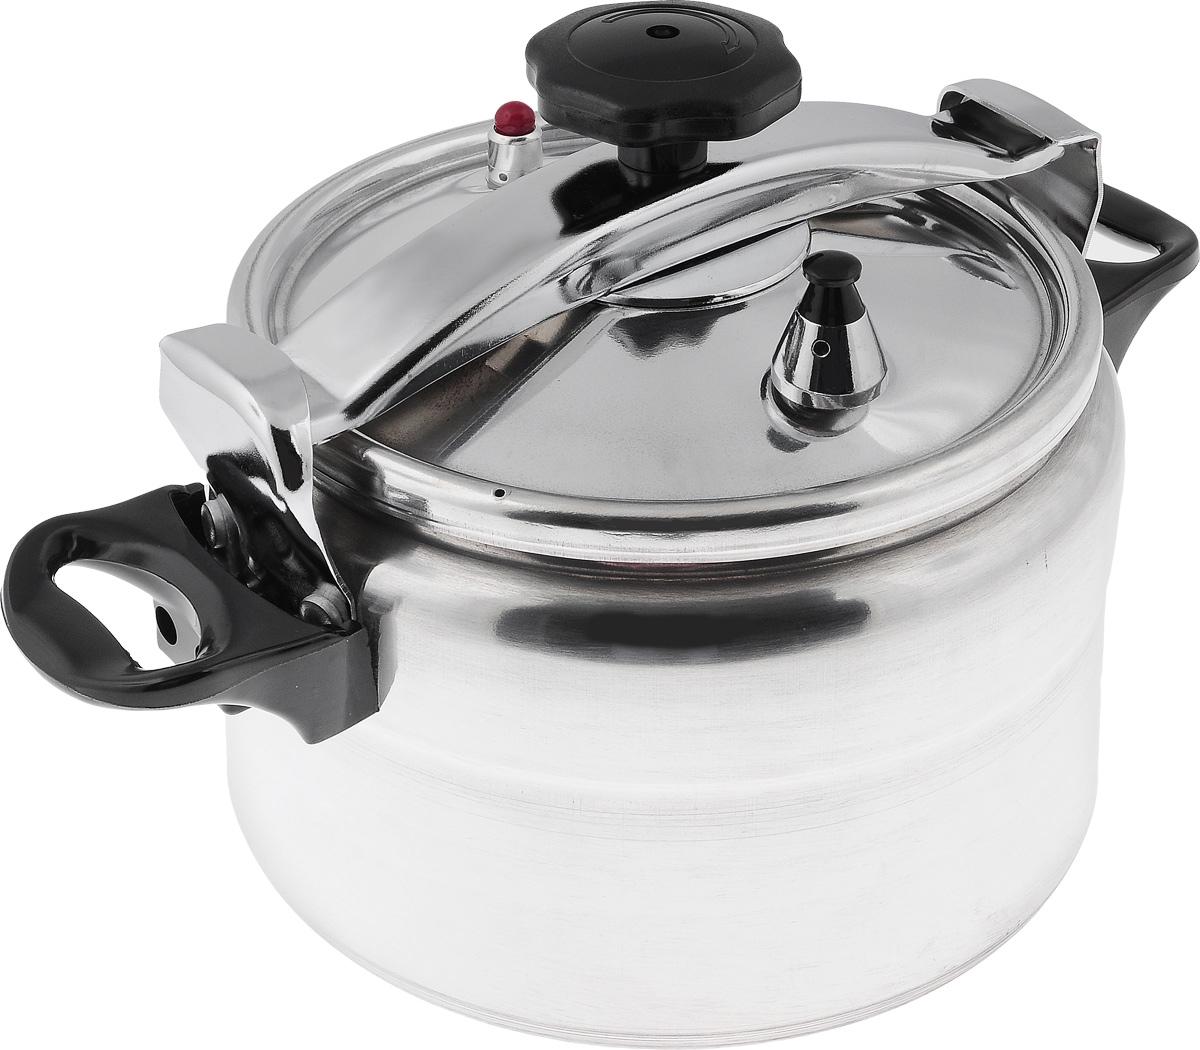 Скороварка  Appetite , 7 л - Посуда для приготовления